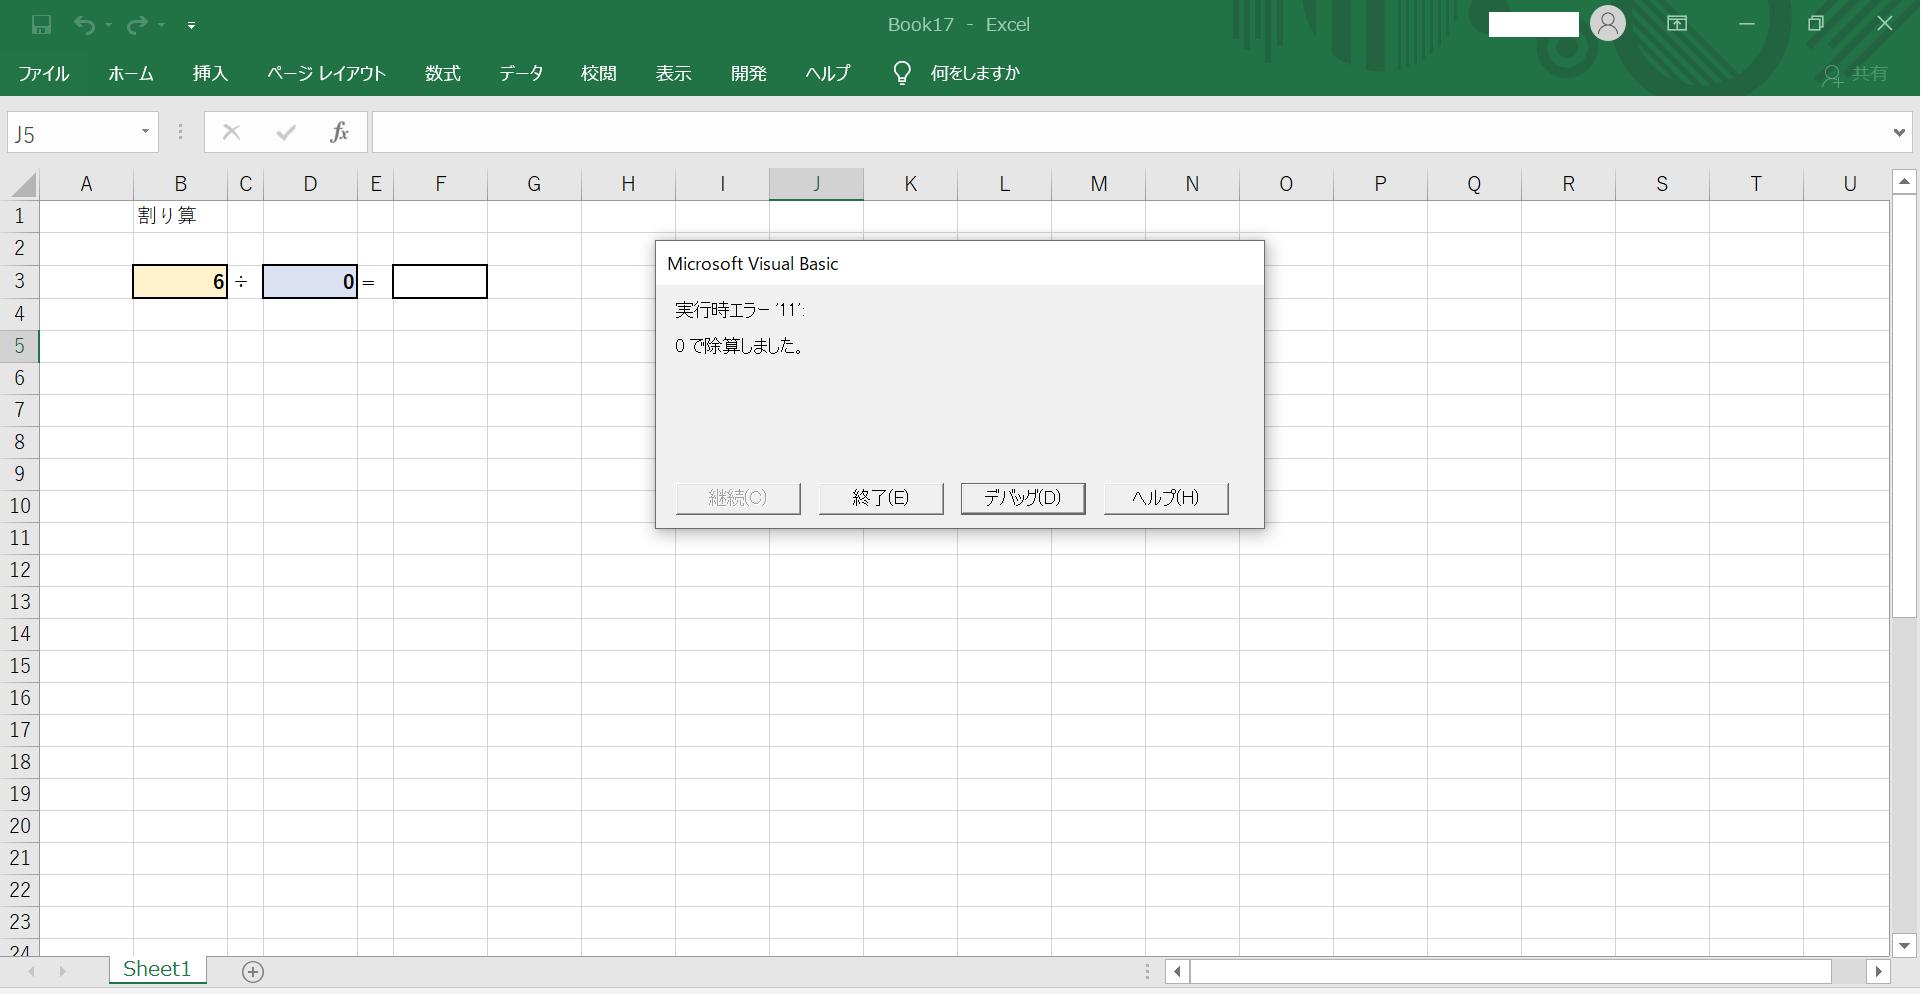 ブックに数値を入力後の処理結果(エラー発生)イメージ